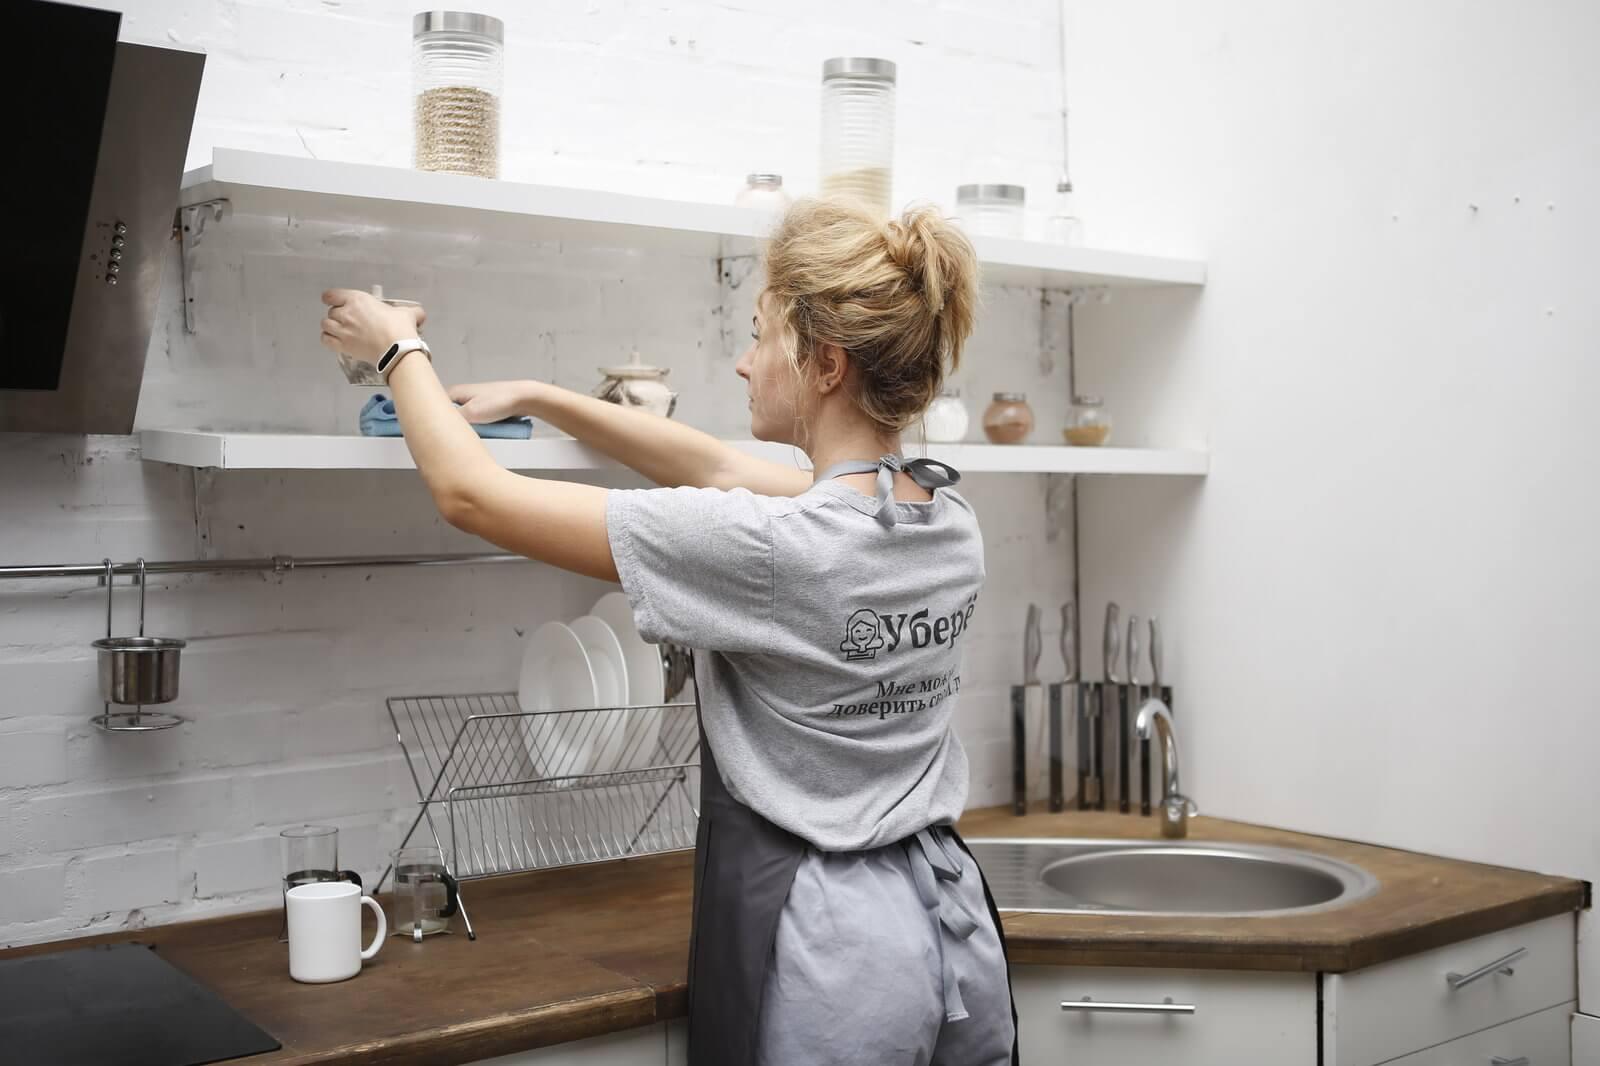 Как быстро убрать кухню